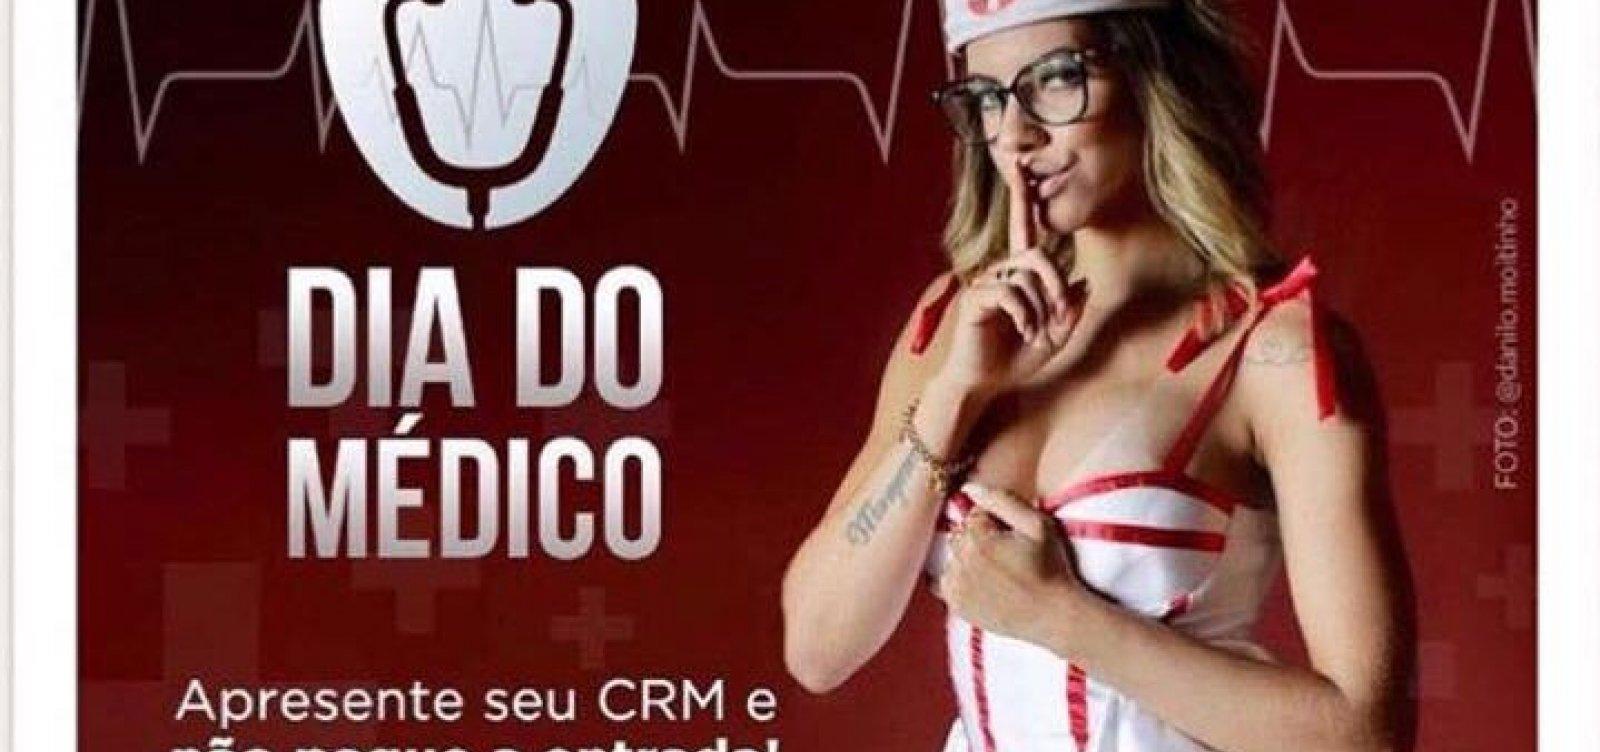 Clube adulto em Salvador usa 'enfermeira' em outdoor e revolta entidades